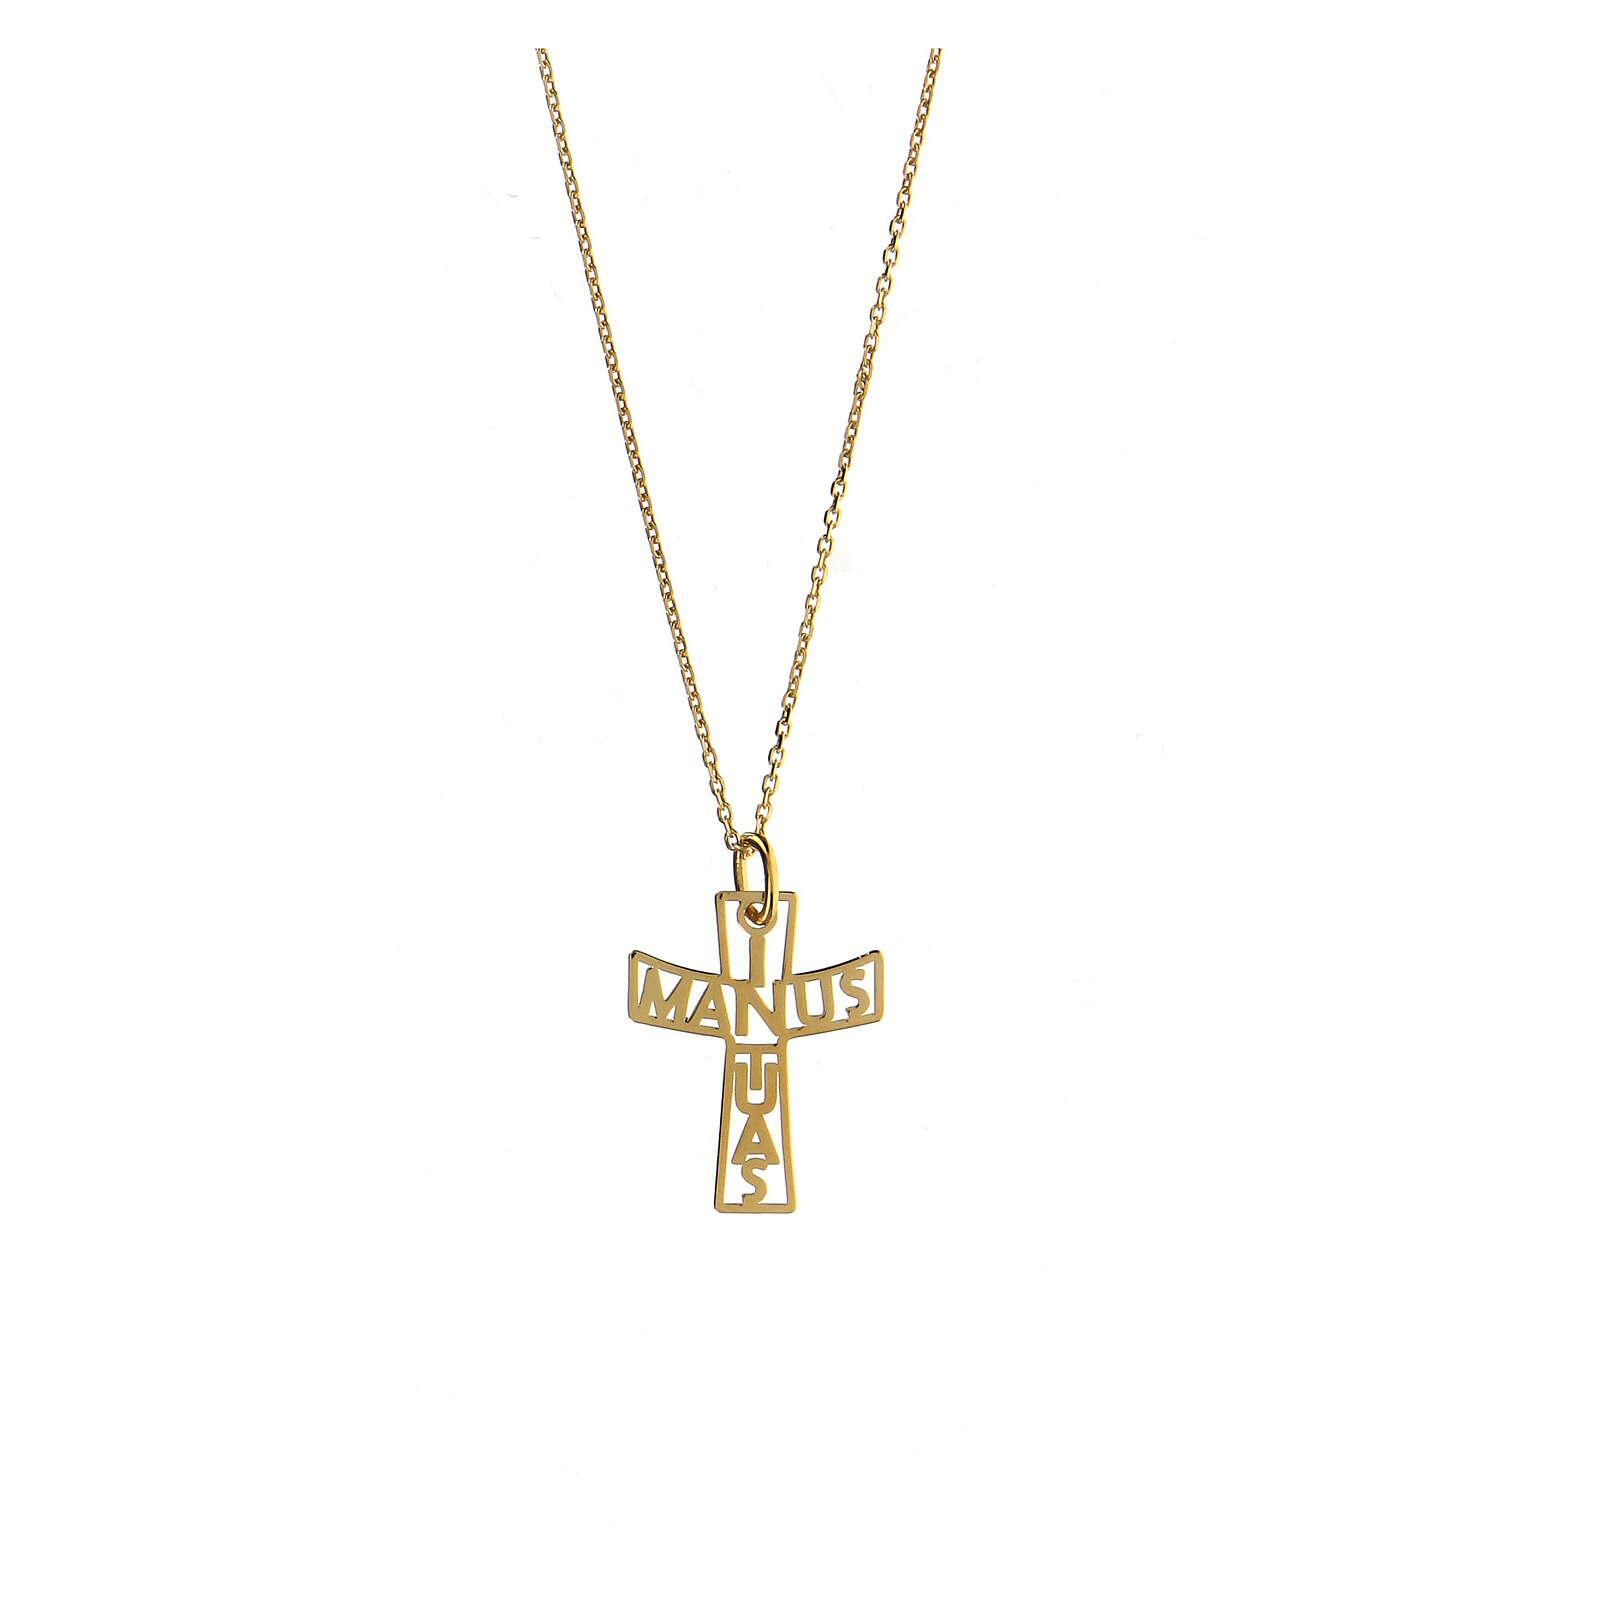 Croix argent 925 doré In Manus Tuas 4